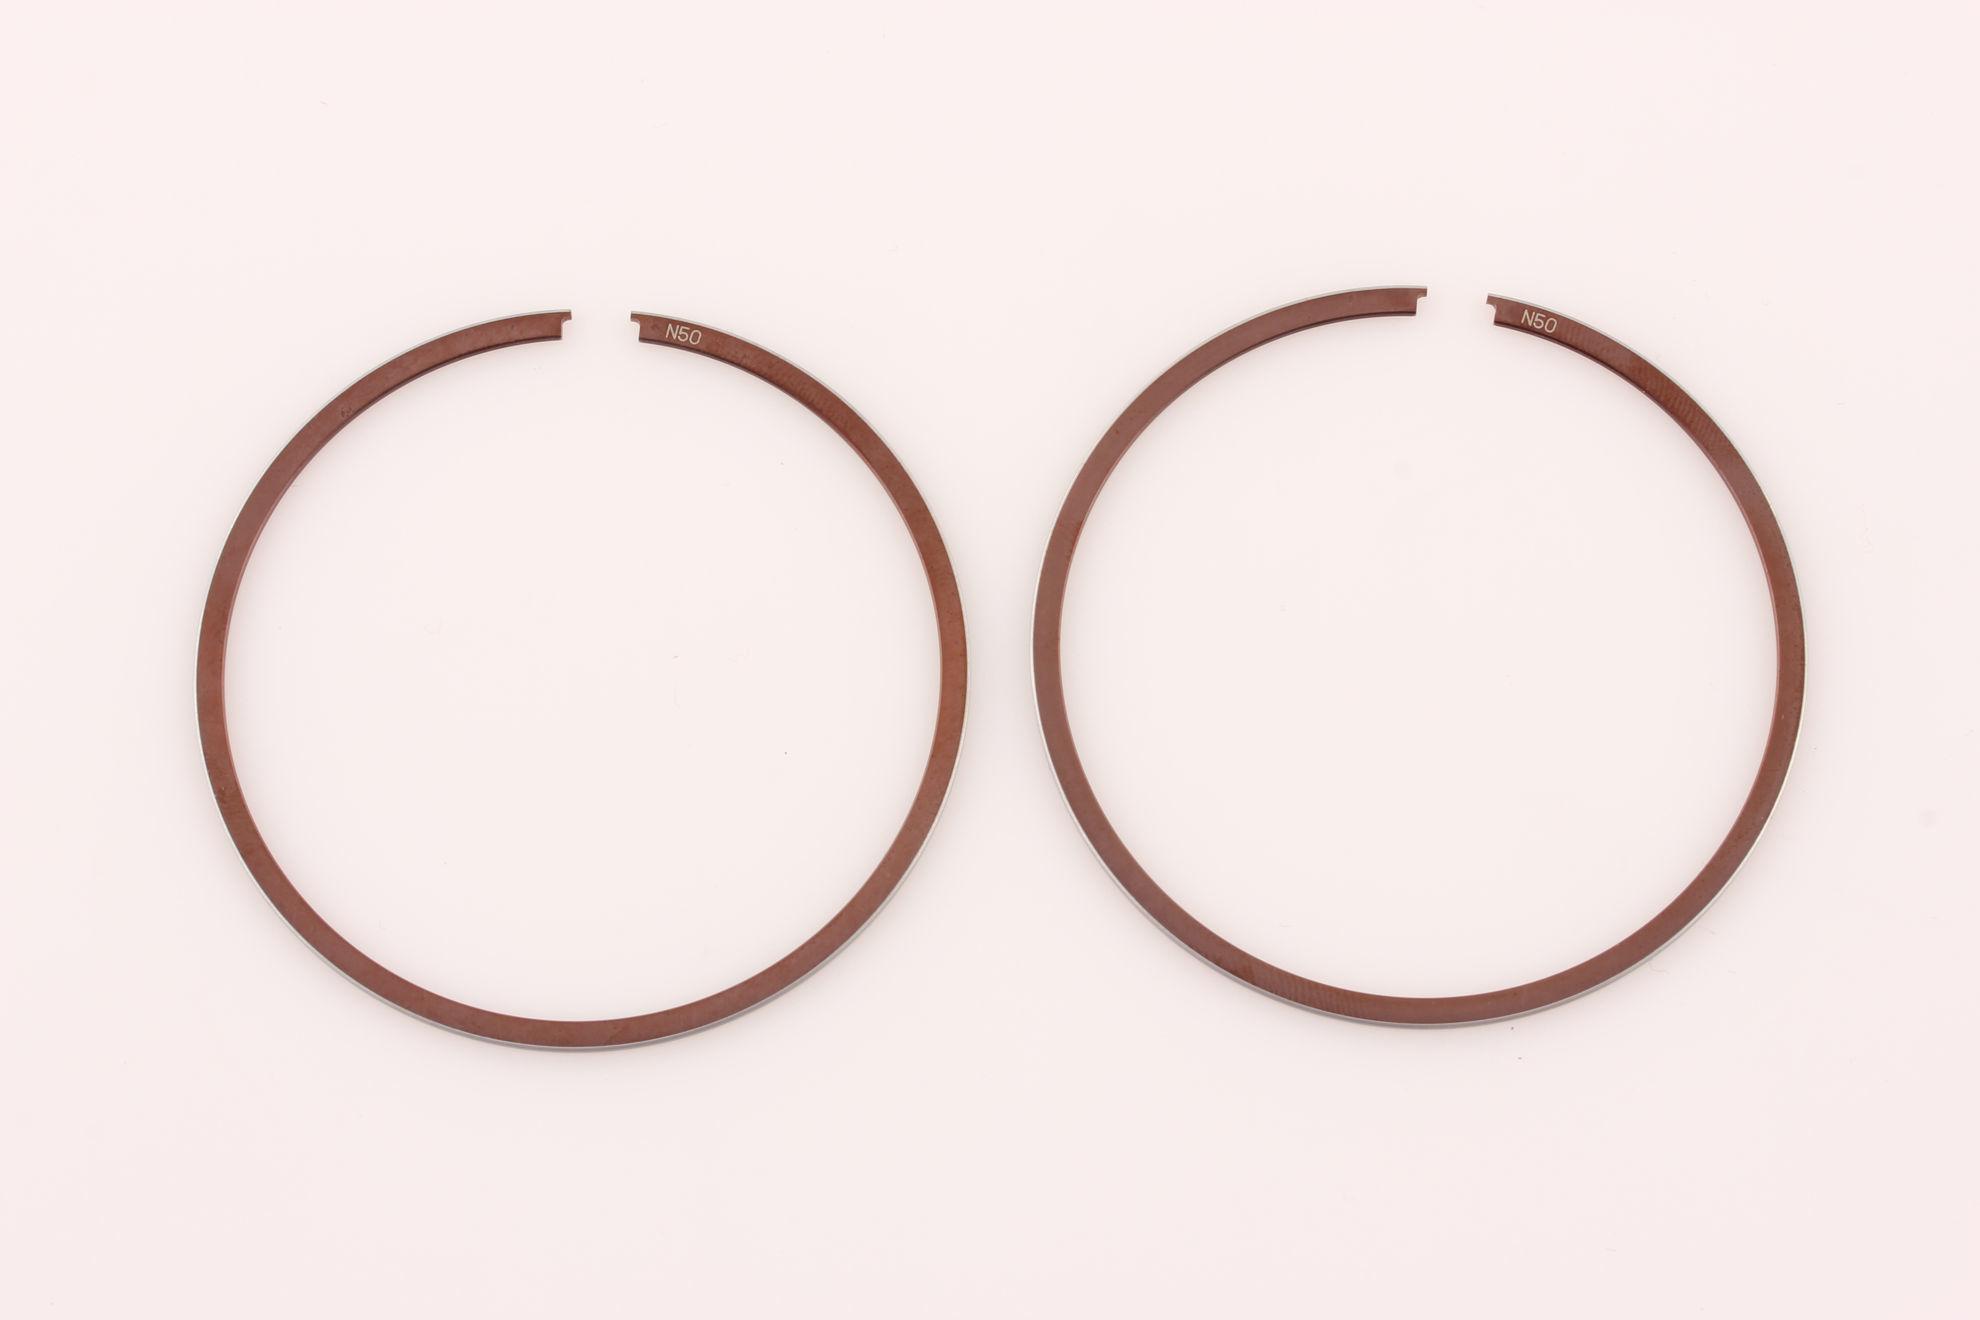 Bilde av 64.50 mm Ring Set